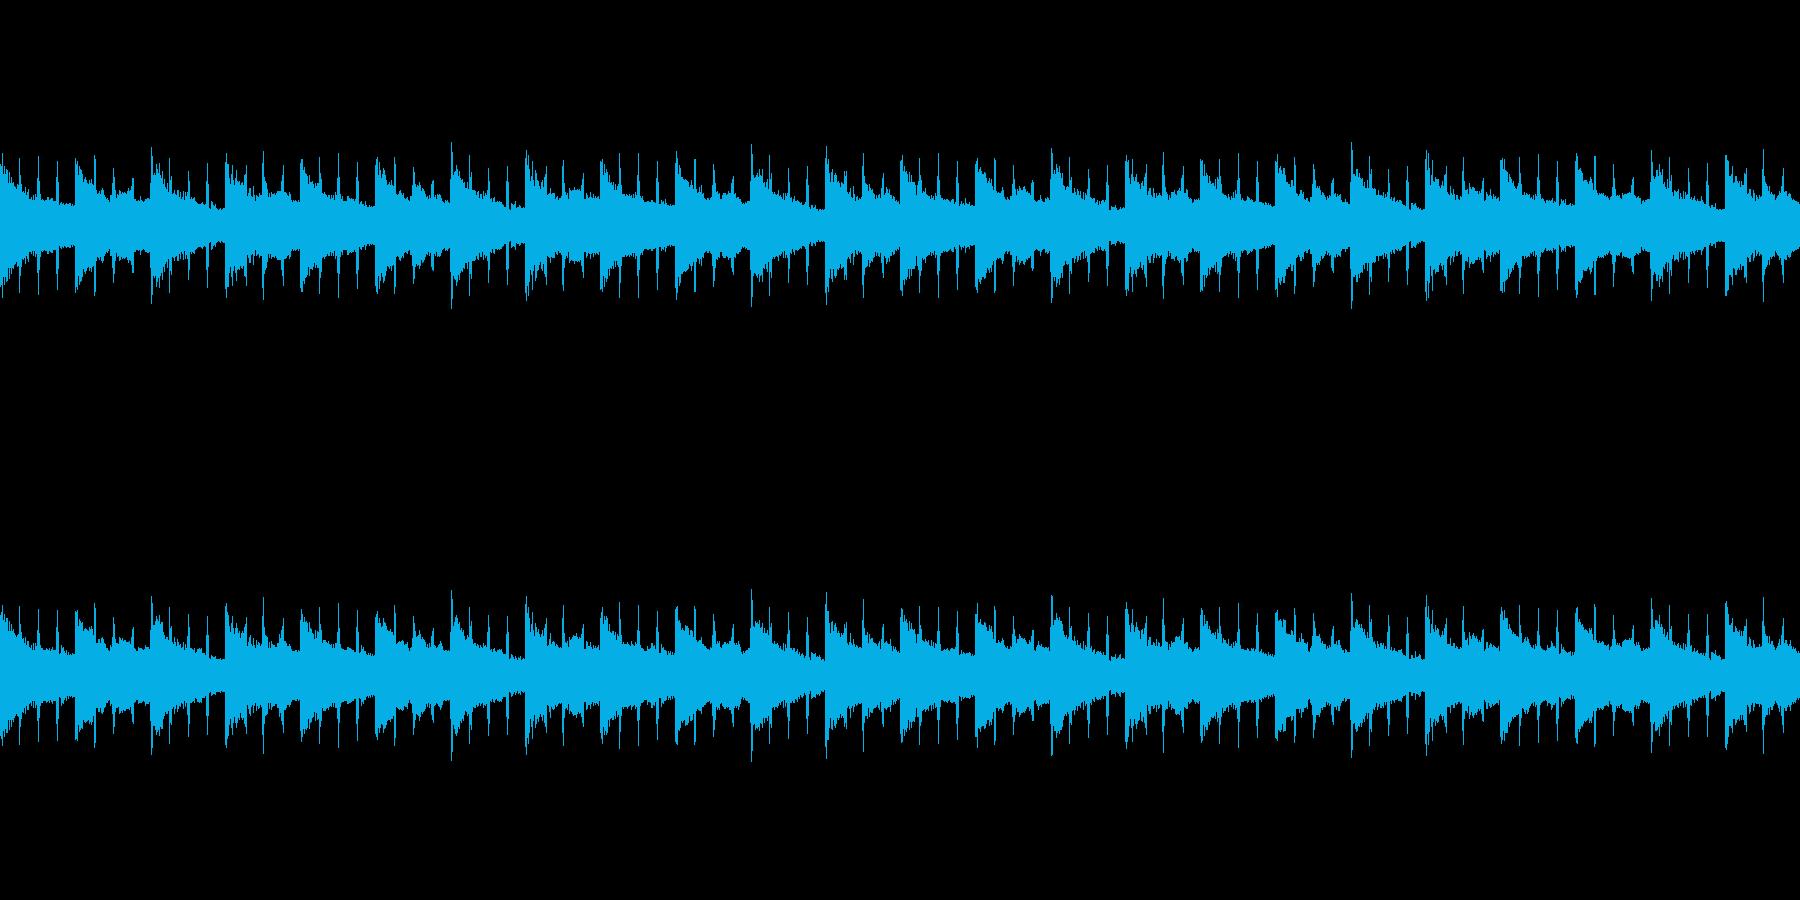 時報をテーマにしたラジオBGMの再生済みの波形